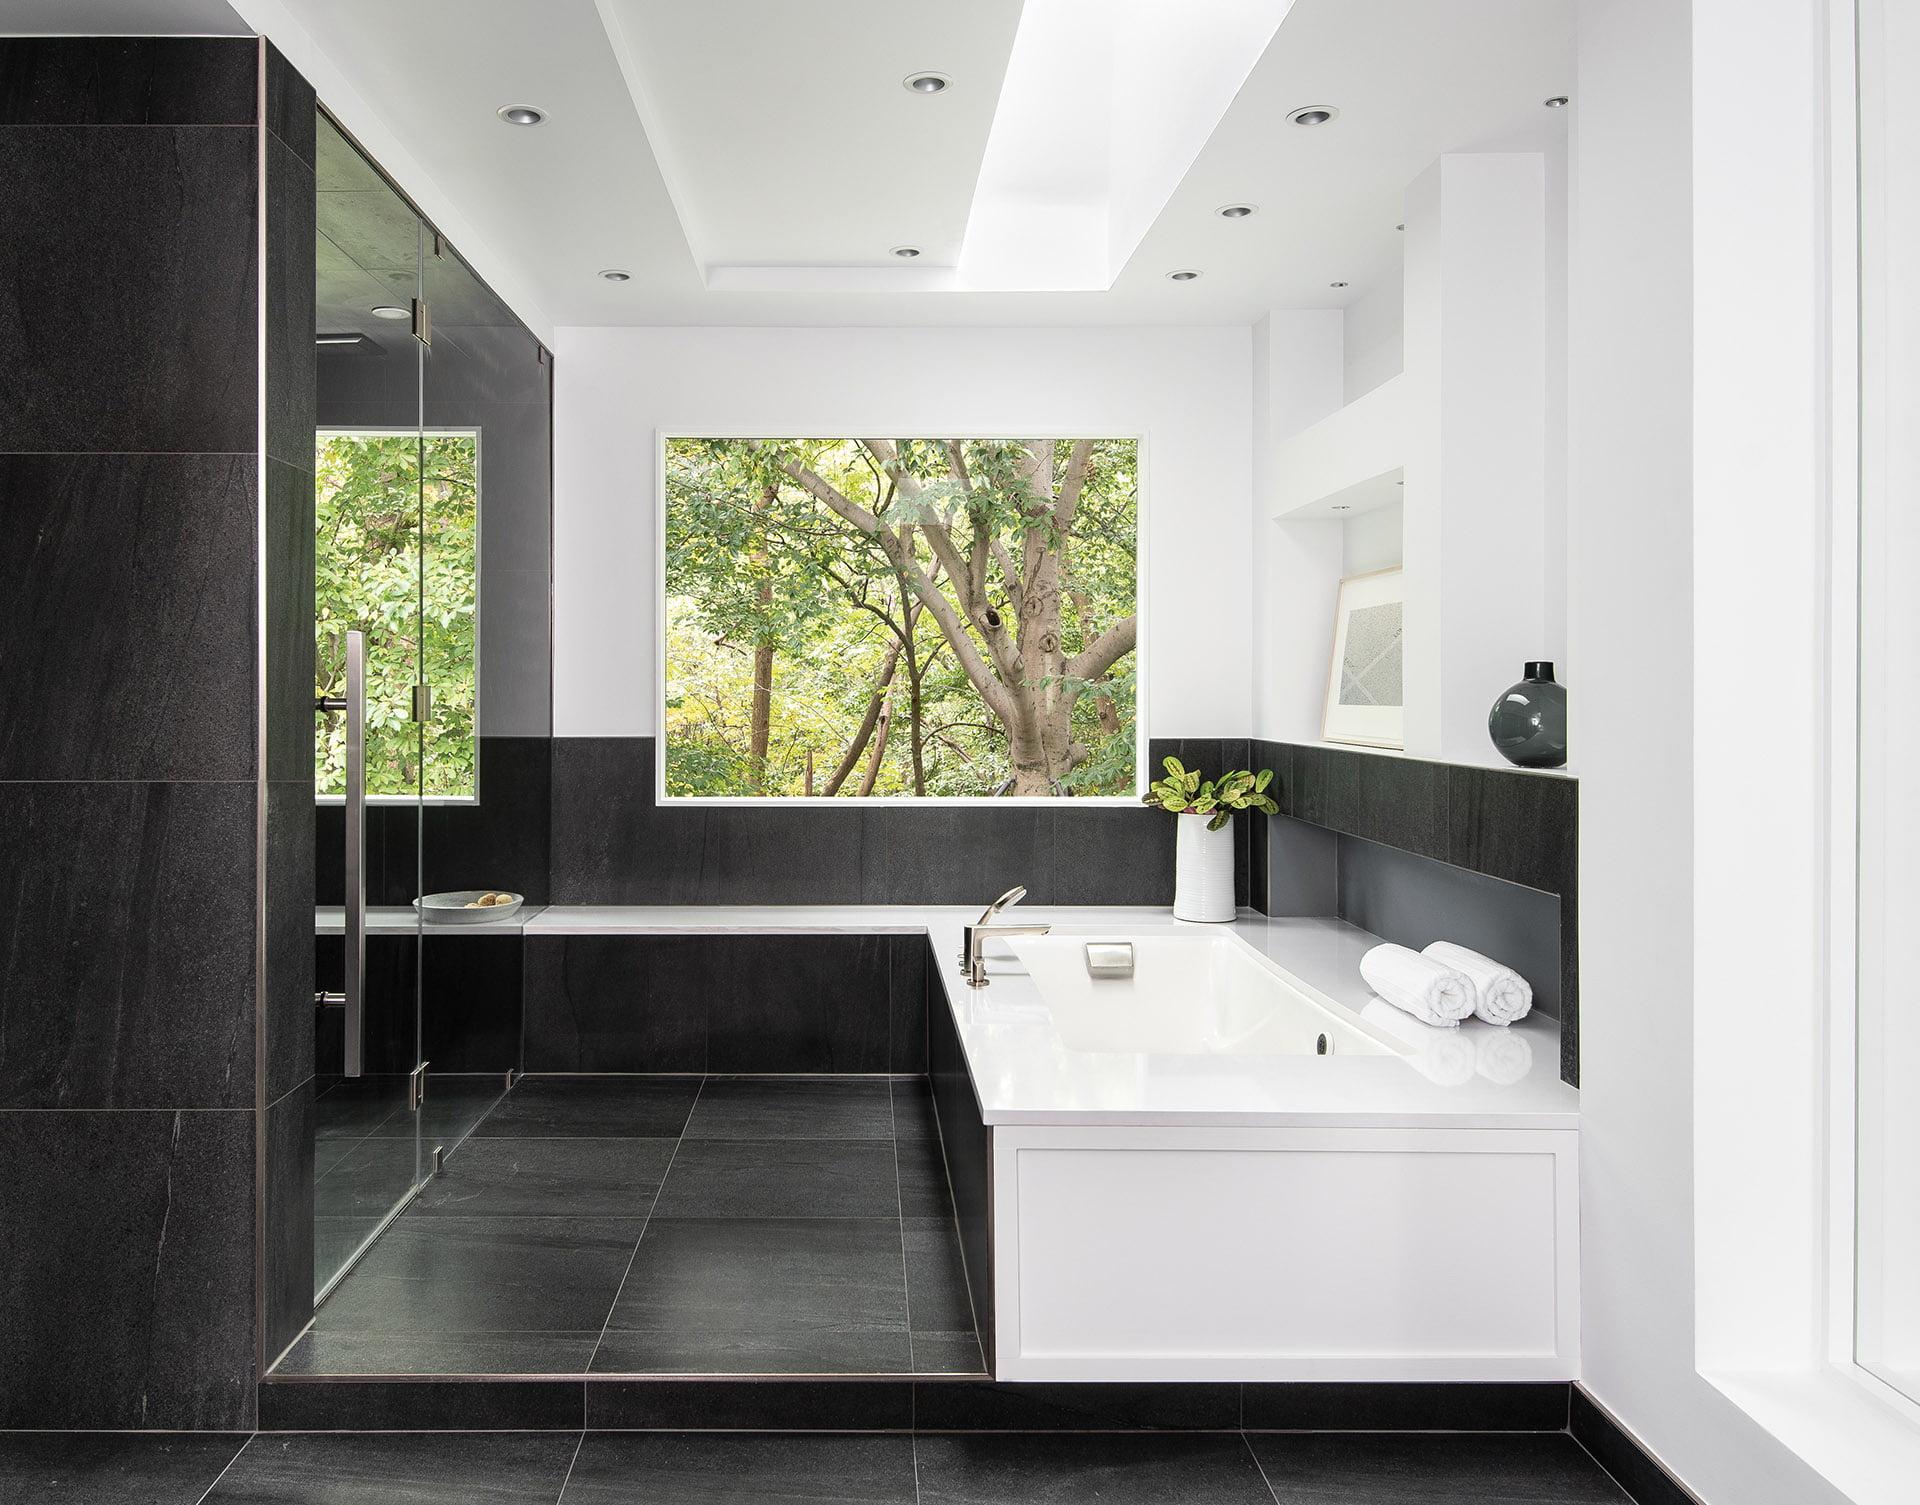 墙壁和加热地板上的白色口音和木炭灰色瓷砖